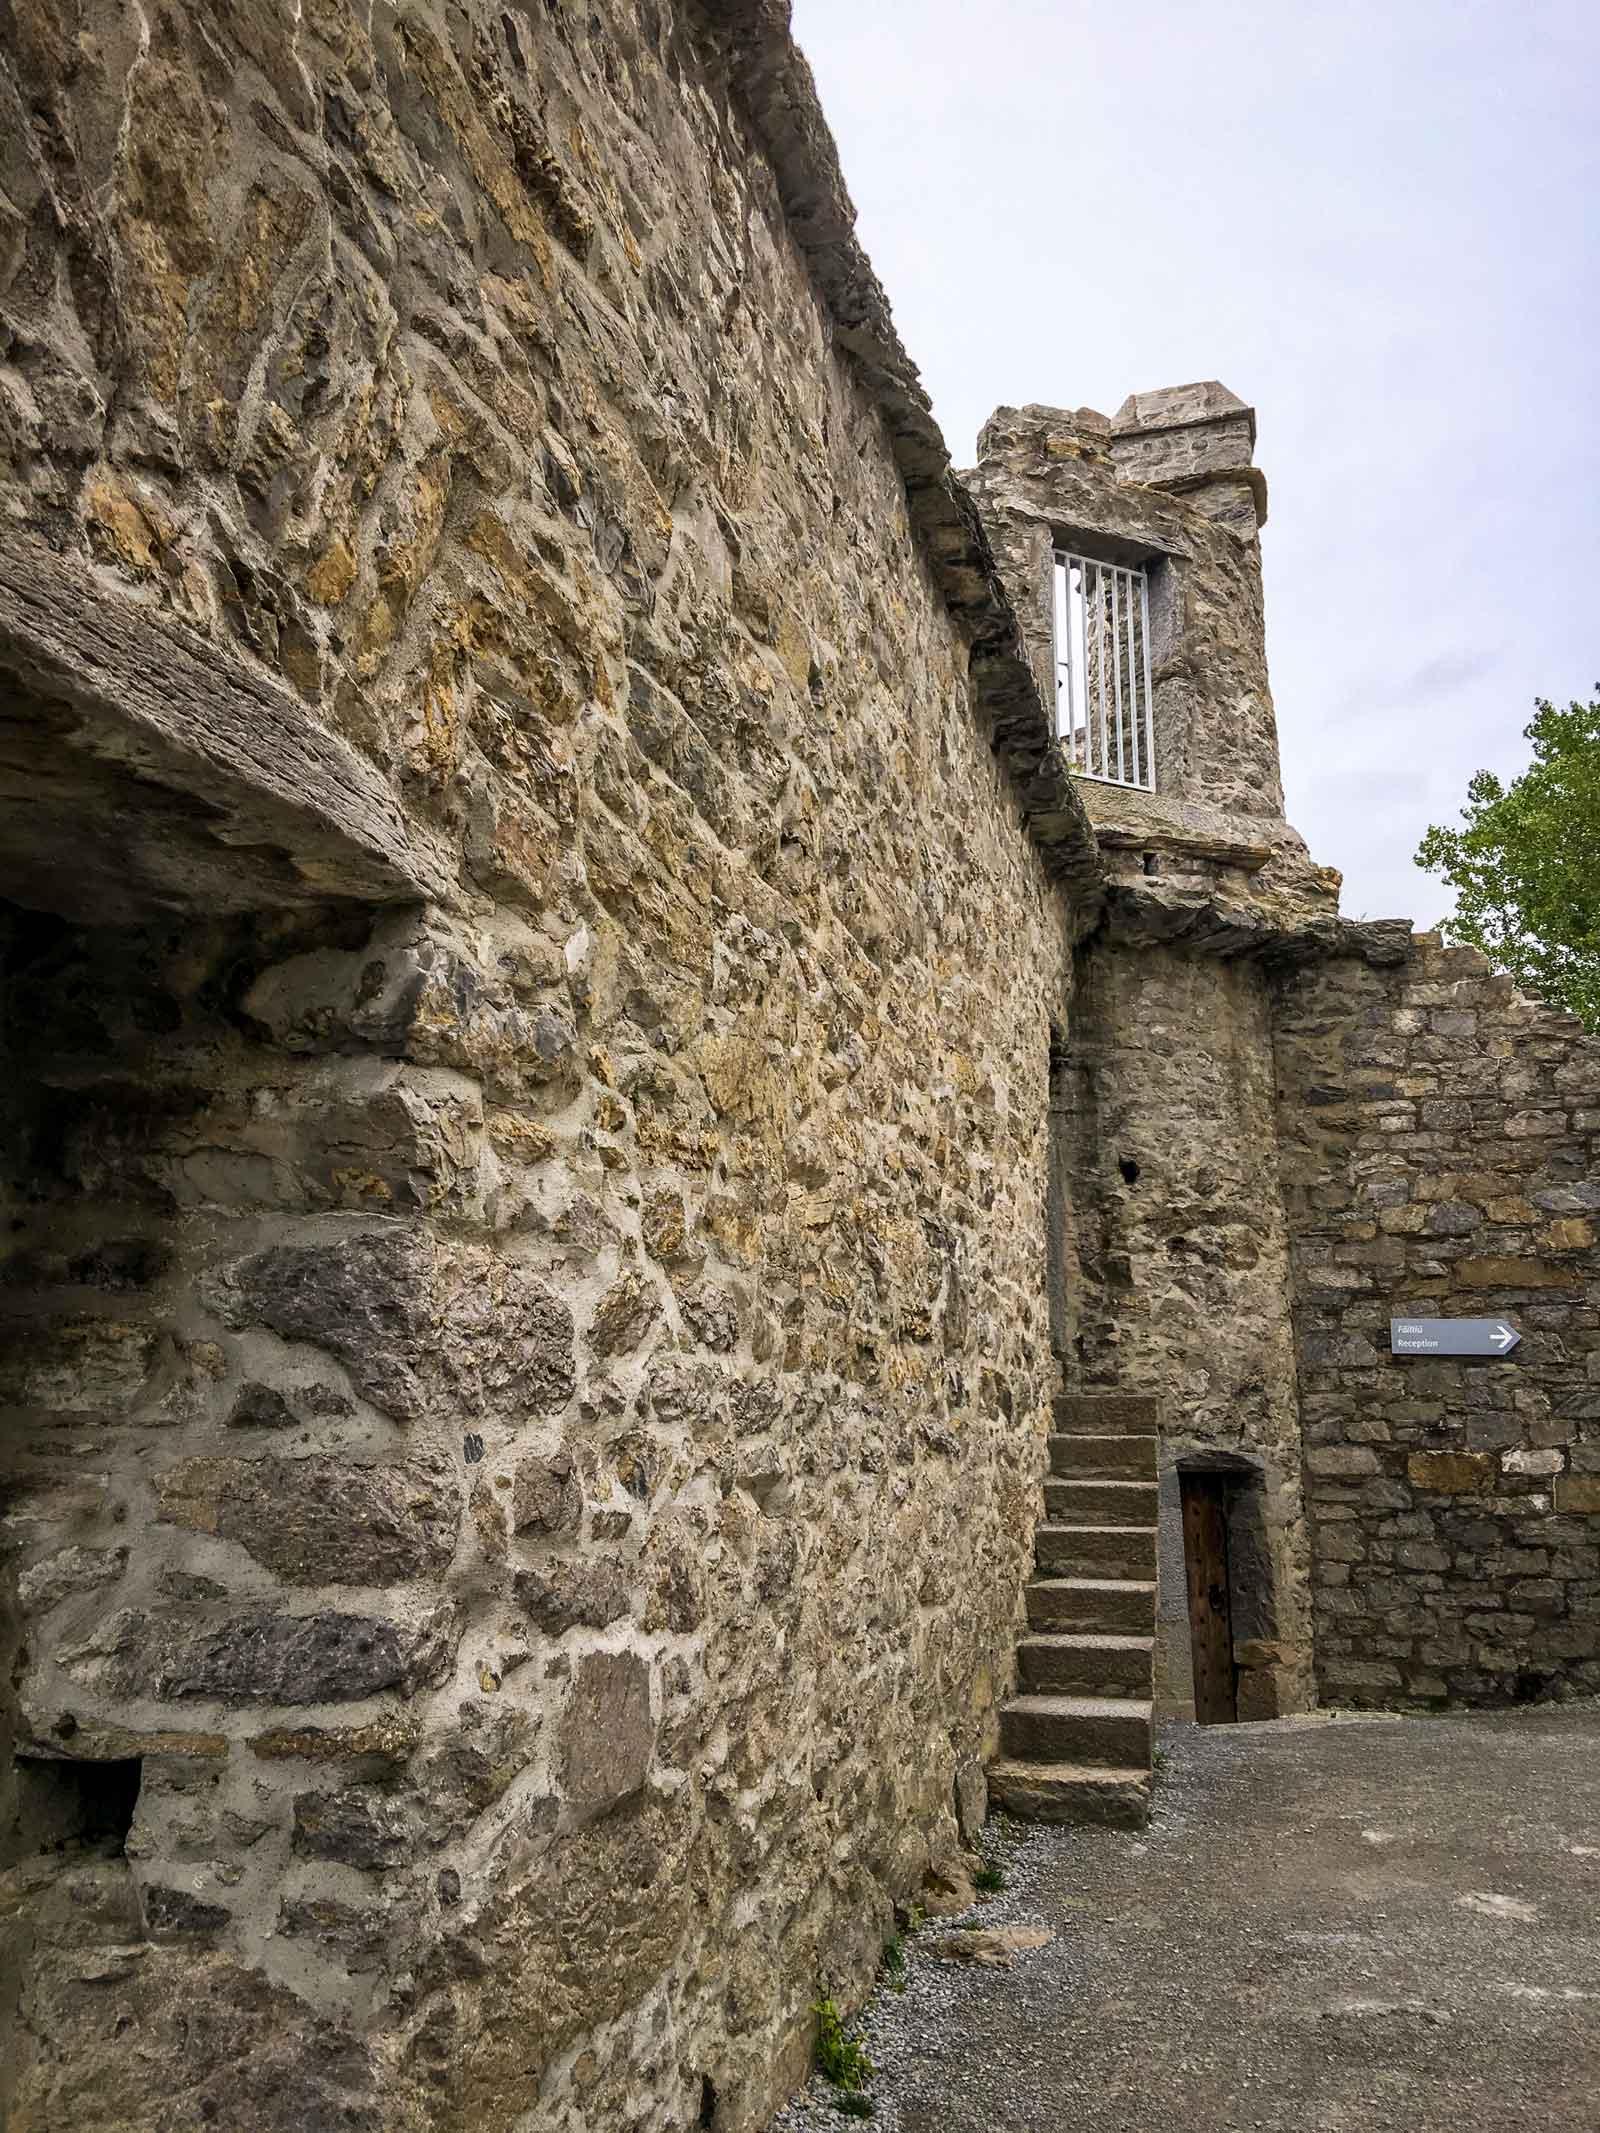 Inside Ross castle in County Kerry